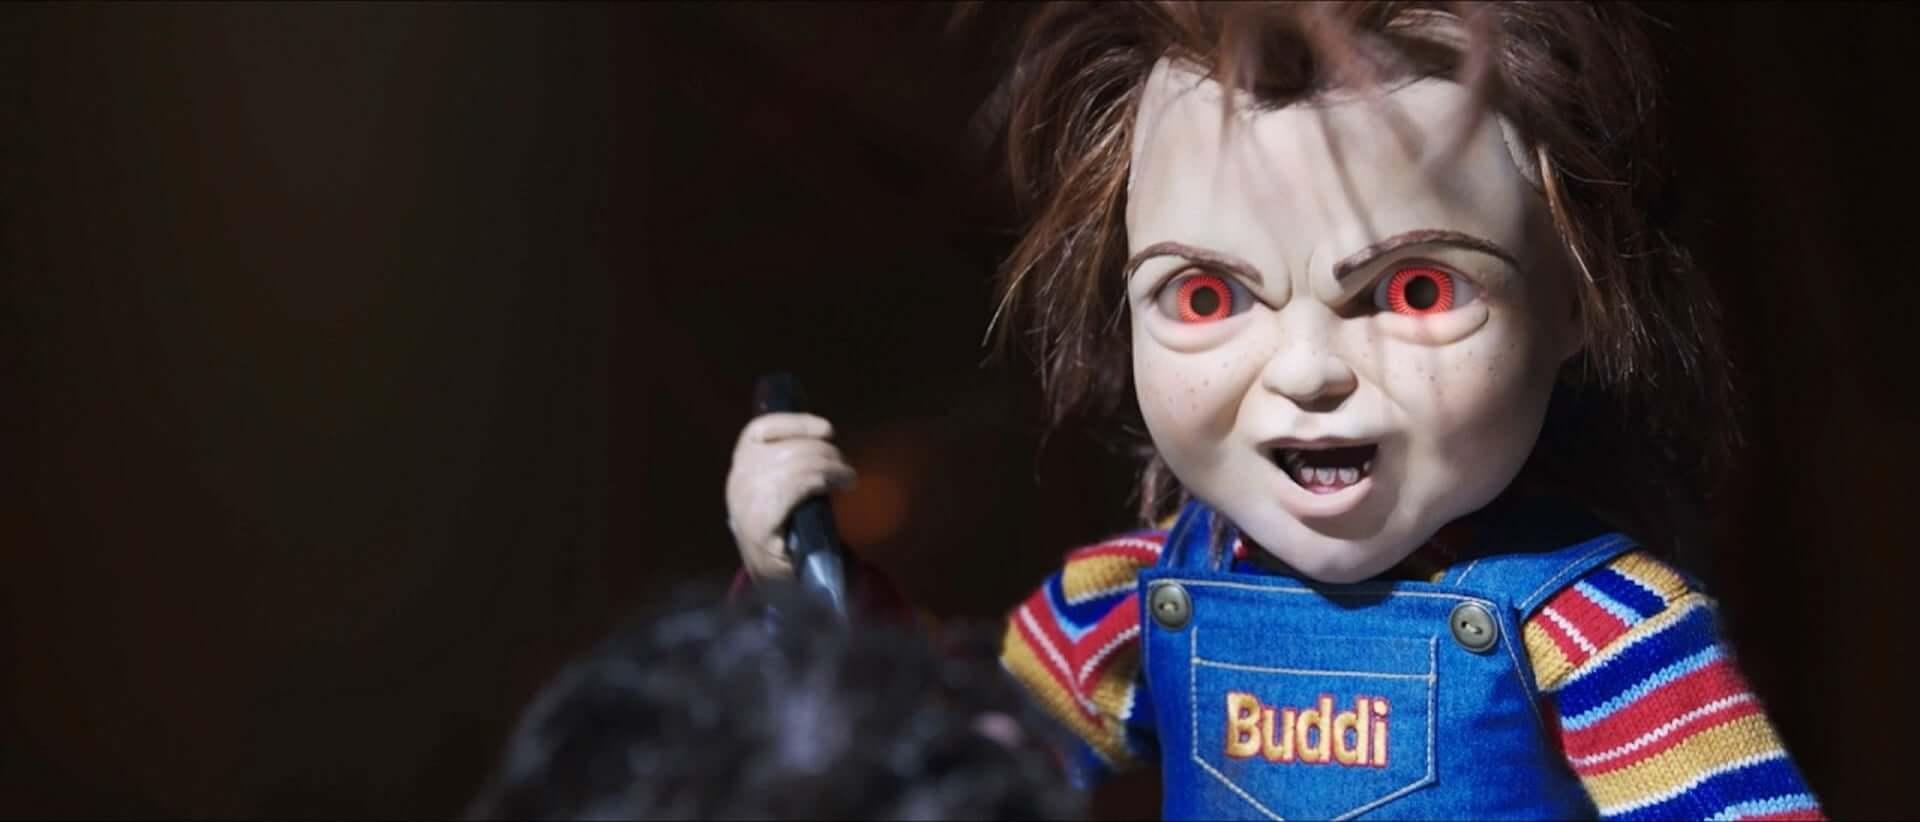 ついに、チャッキーが恐怖の赤目モードで暴走!『チャイルド・プレイ』Web限定映像が公開 film190704childsplay-redeye_3-1920x822